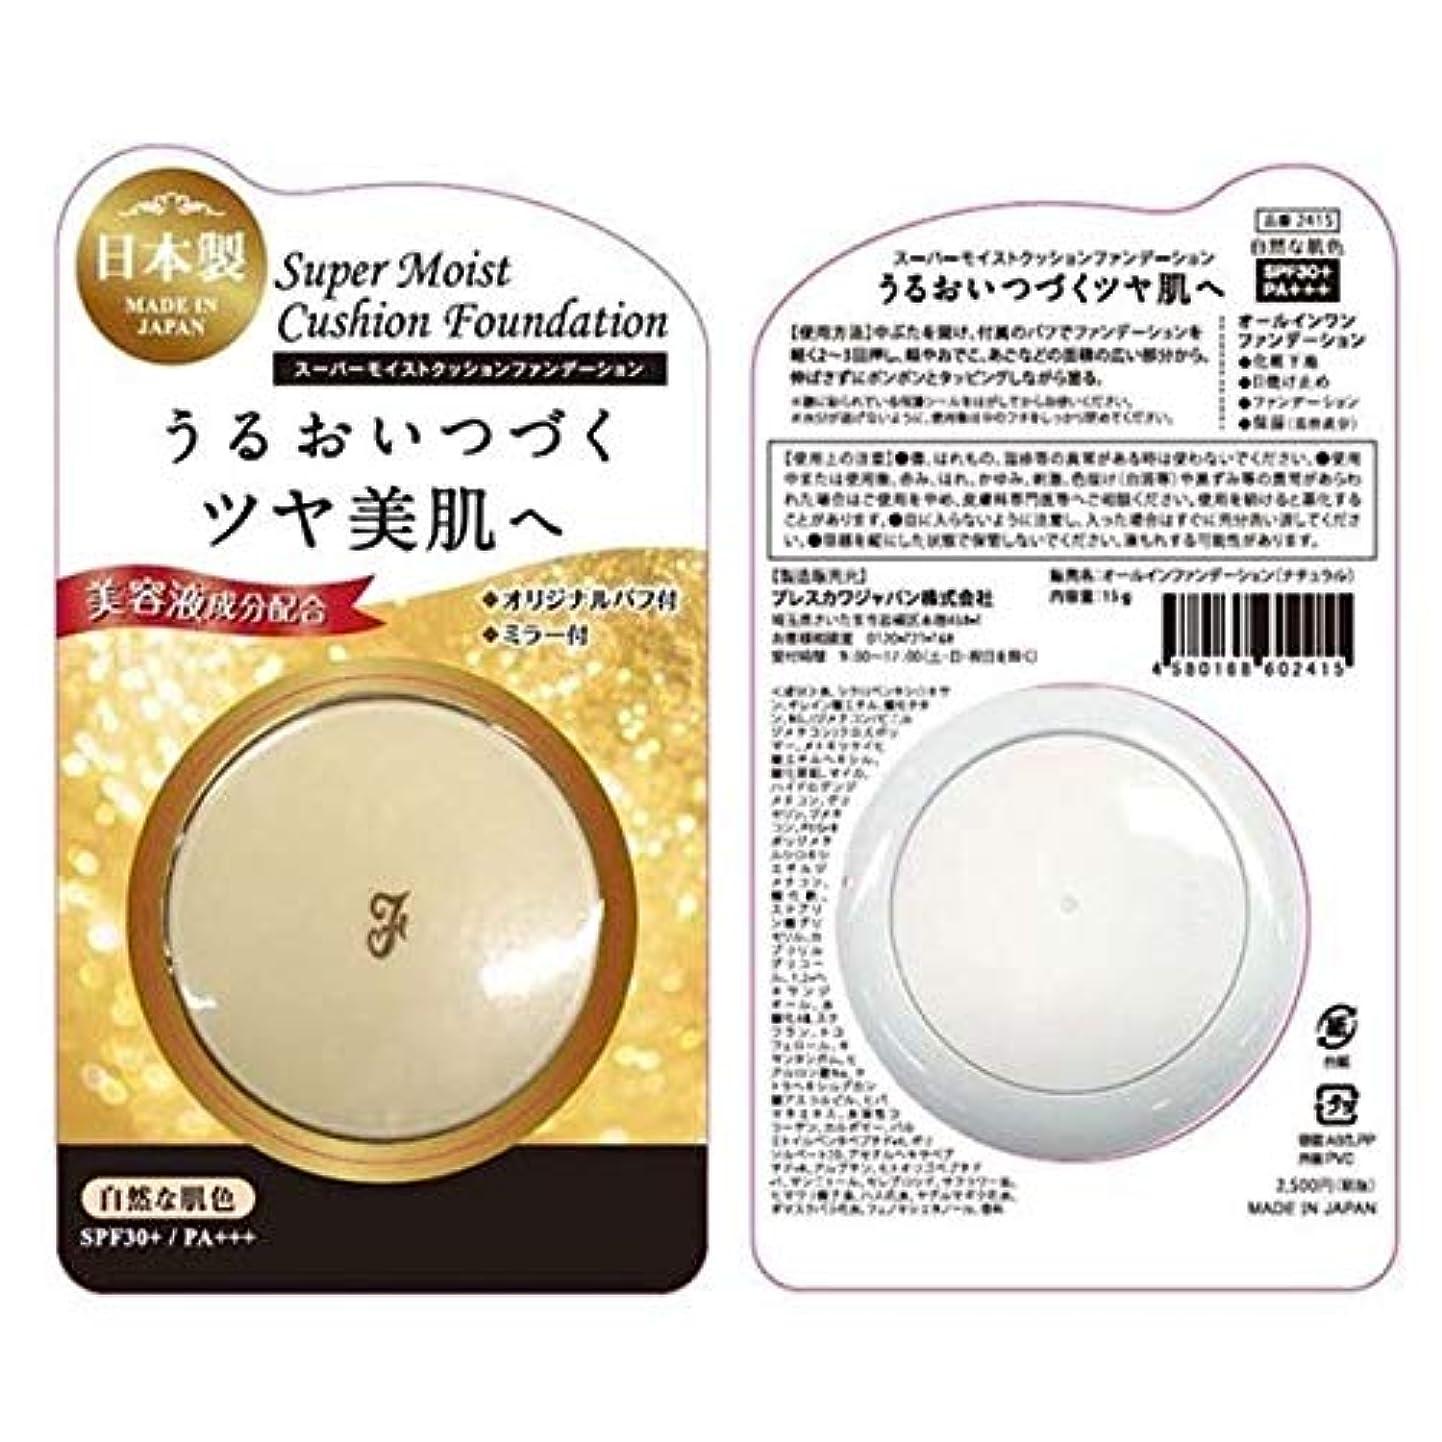 放散する合計空中日本製●クッションファンデーション SPF30+ PA+++ 新色 自然な肌色 さらっとした使い心地 コスメ しっとりなめらか ファンデ